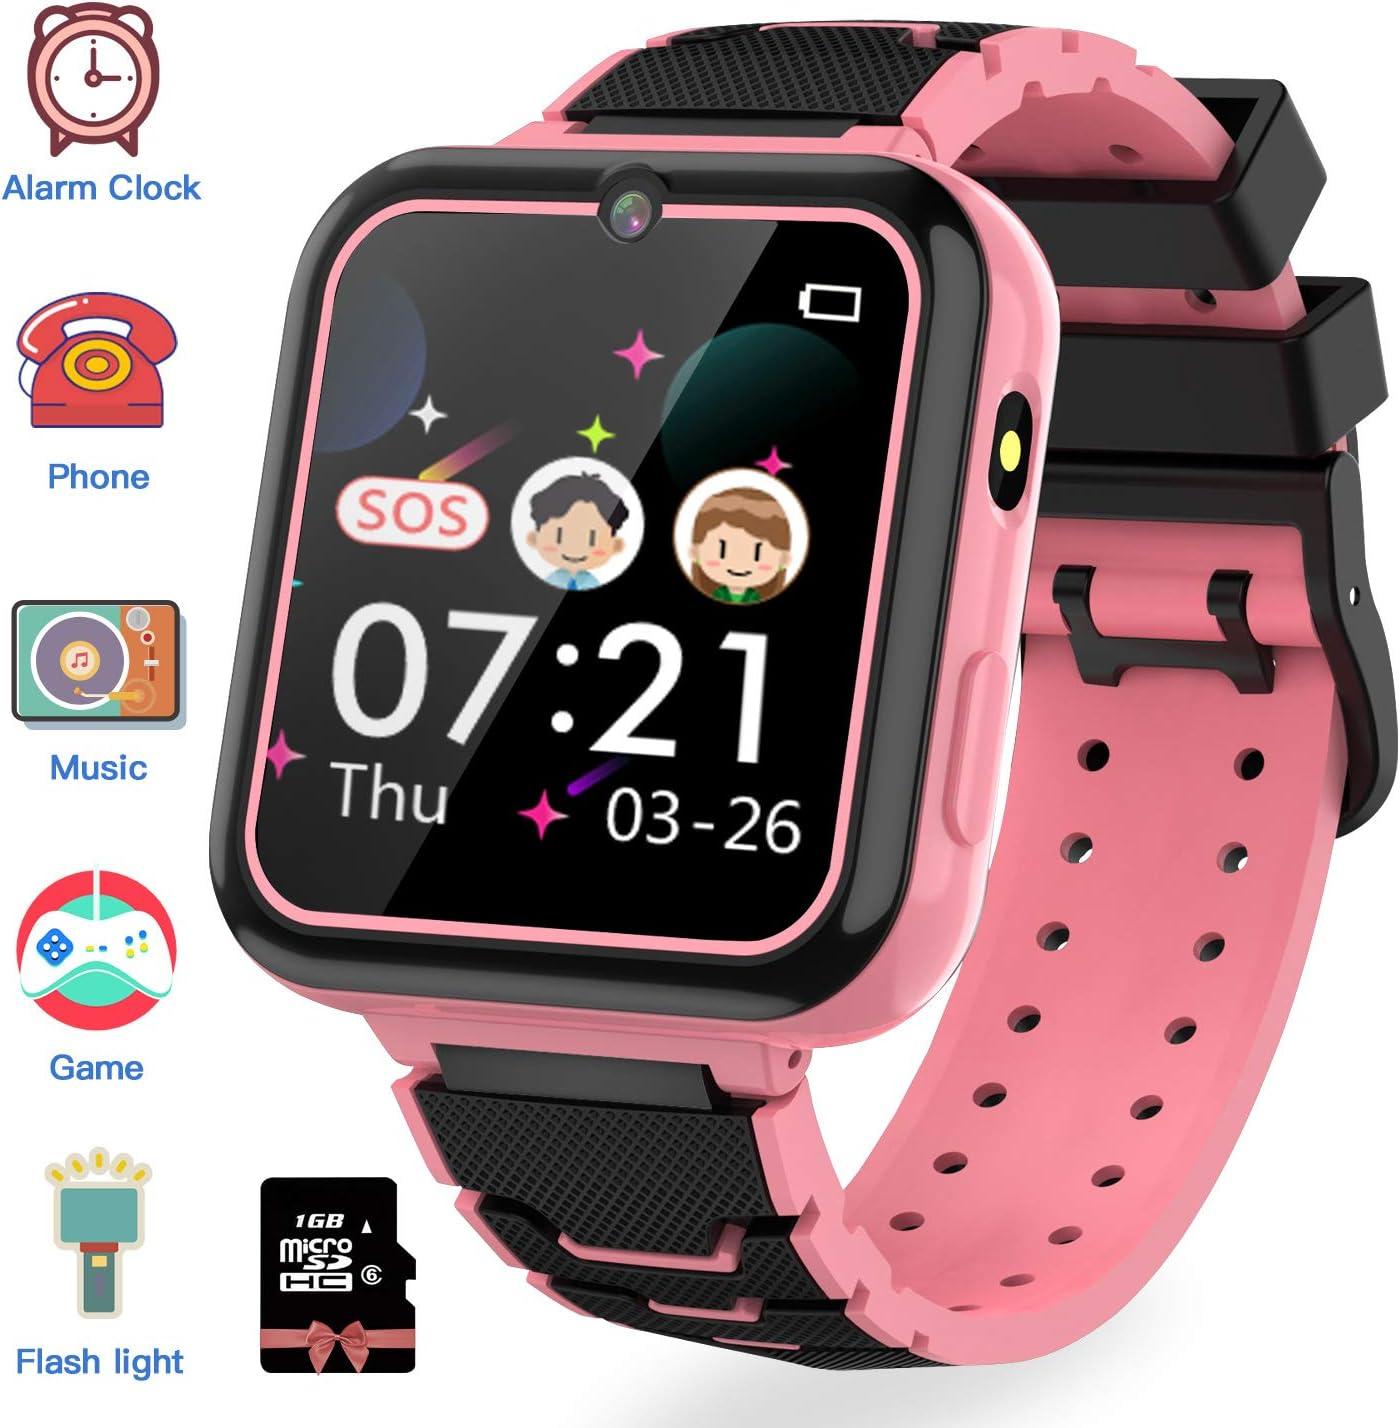 Jaybest Reloj Inteligente para Niños, Smartwatch niños con Hacer Llamada, SOS, Cámara, Música, Juegos y Despertador, Regalo para Niño Niña de 3-12 años, Rosa